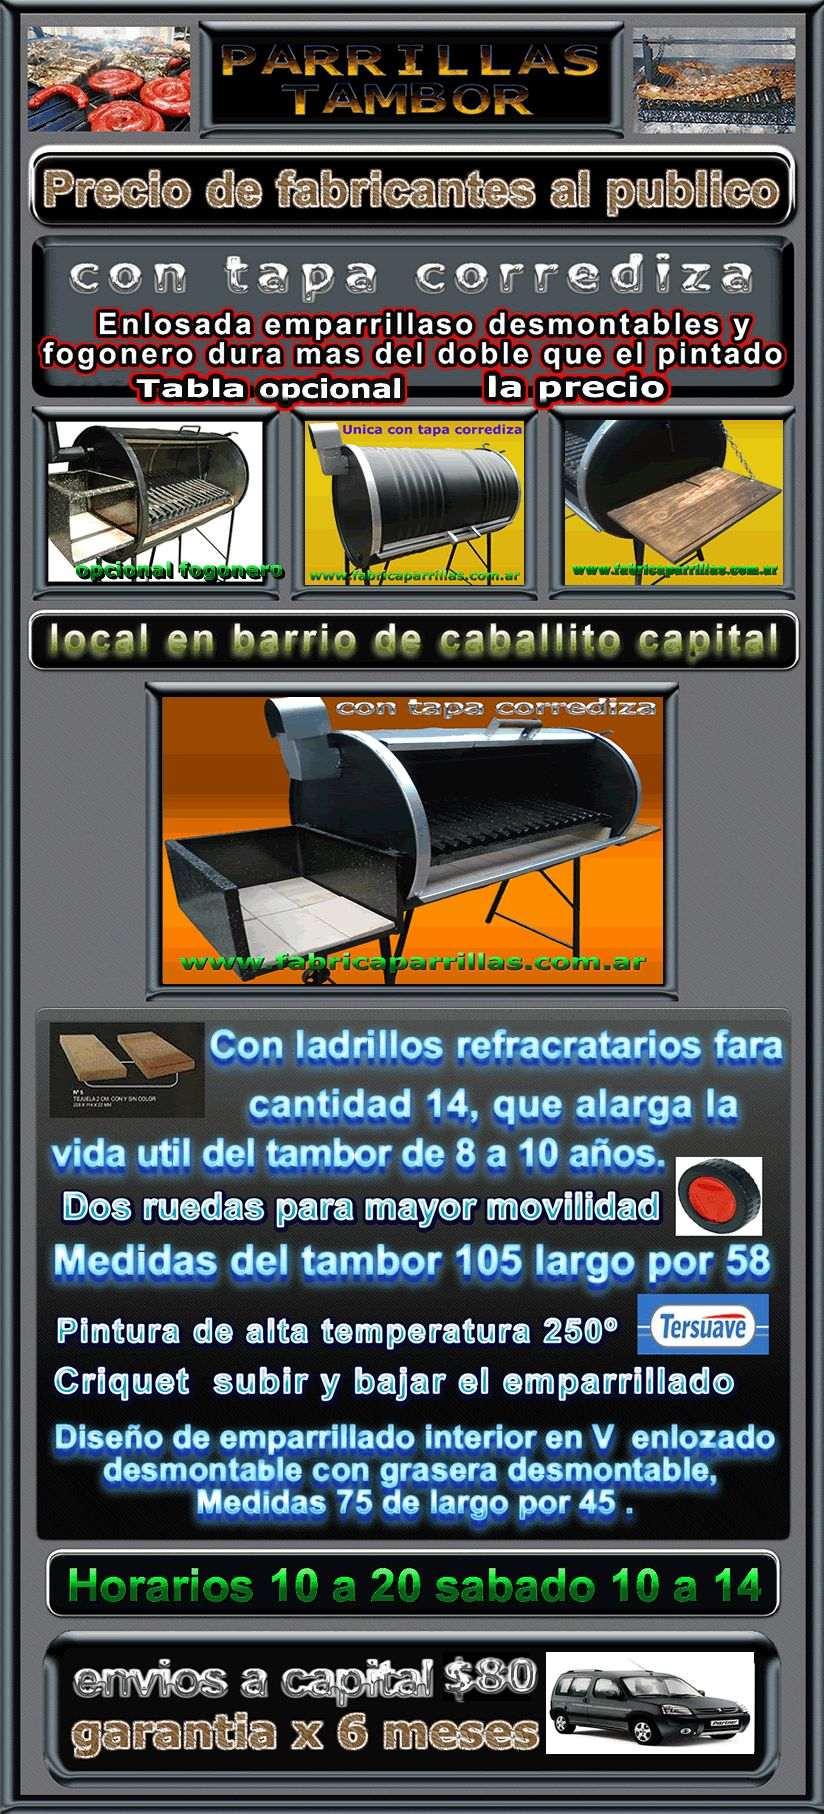 parrillas-tambor-con-tapa-corrediza (2)